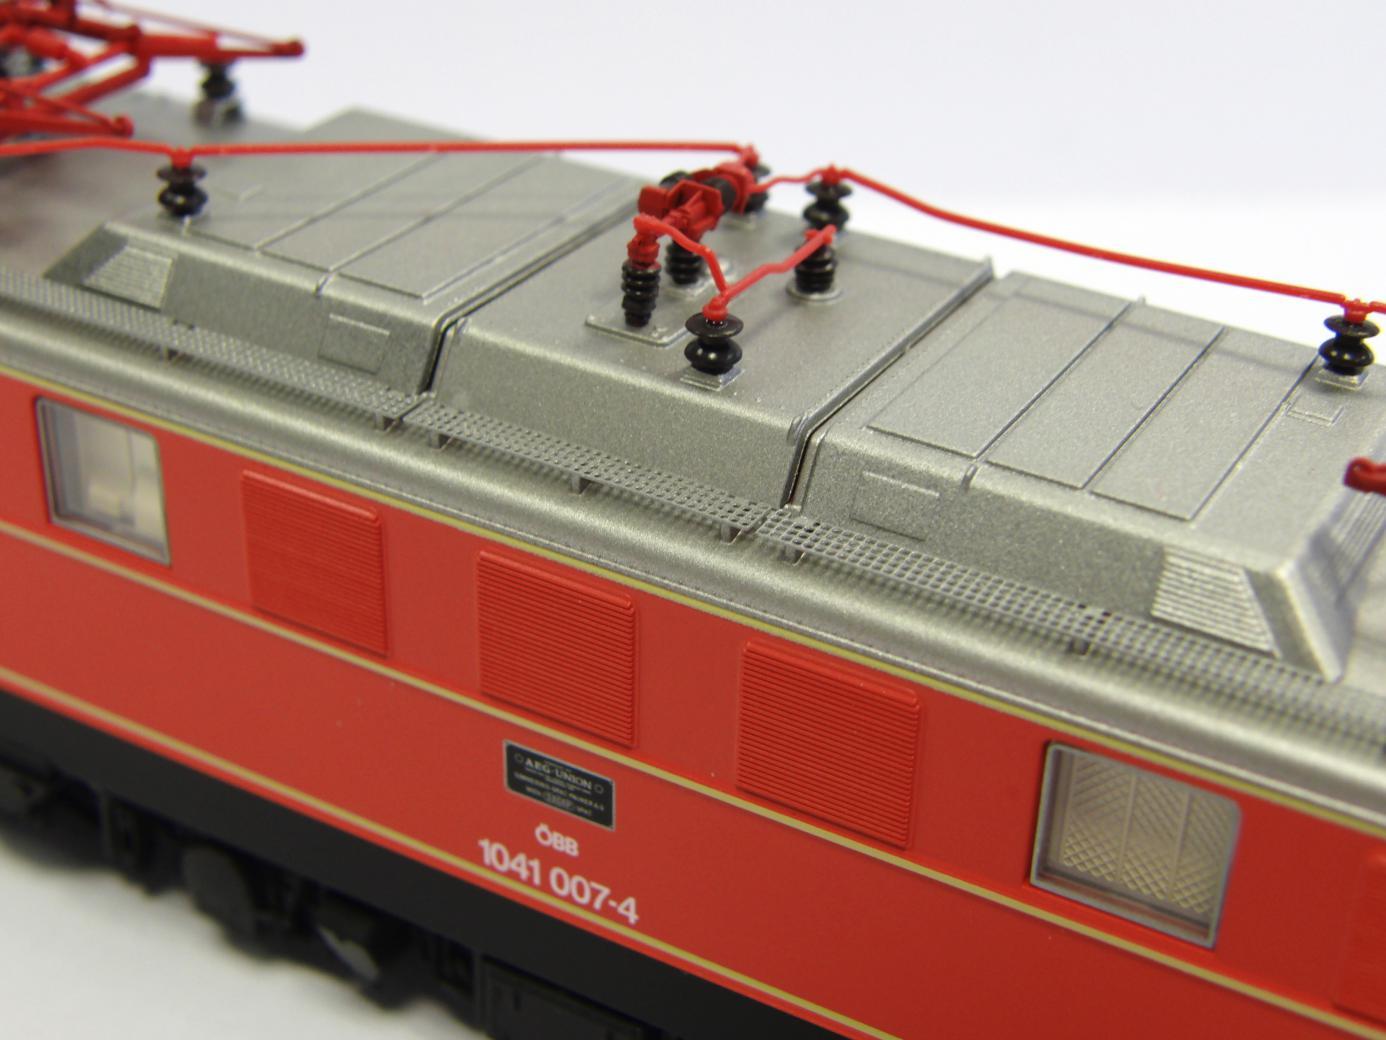 Piko 51880 Elektrolok Rh 1041 des ÖBB